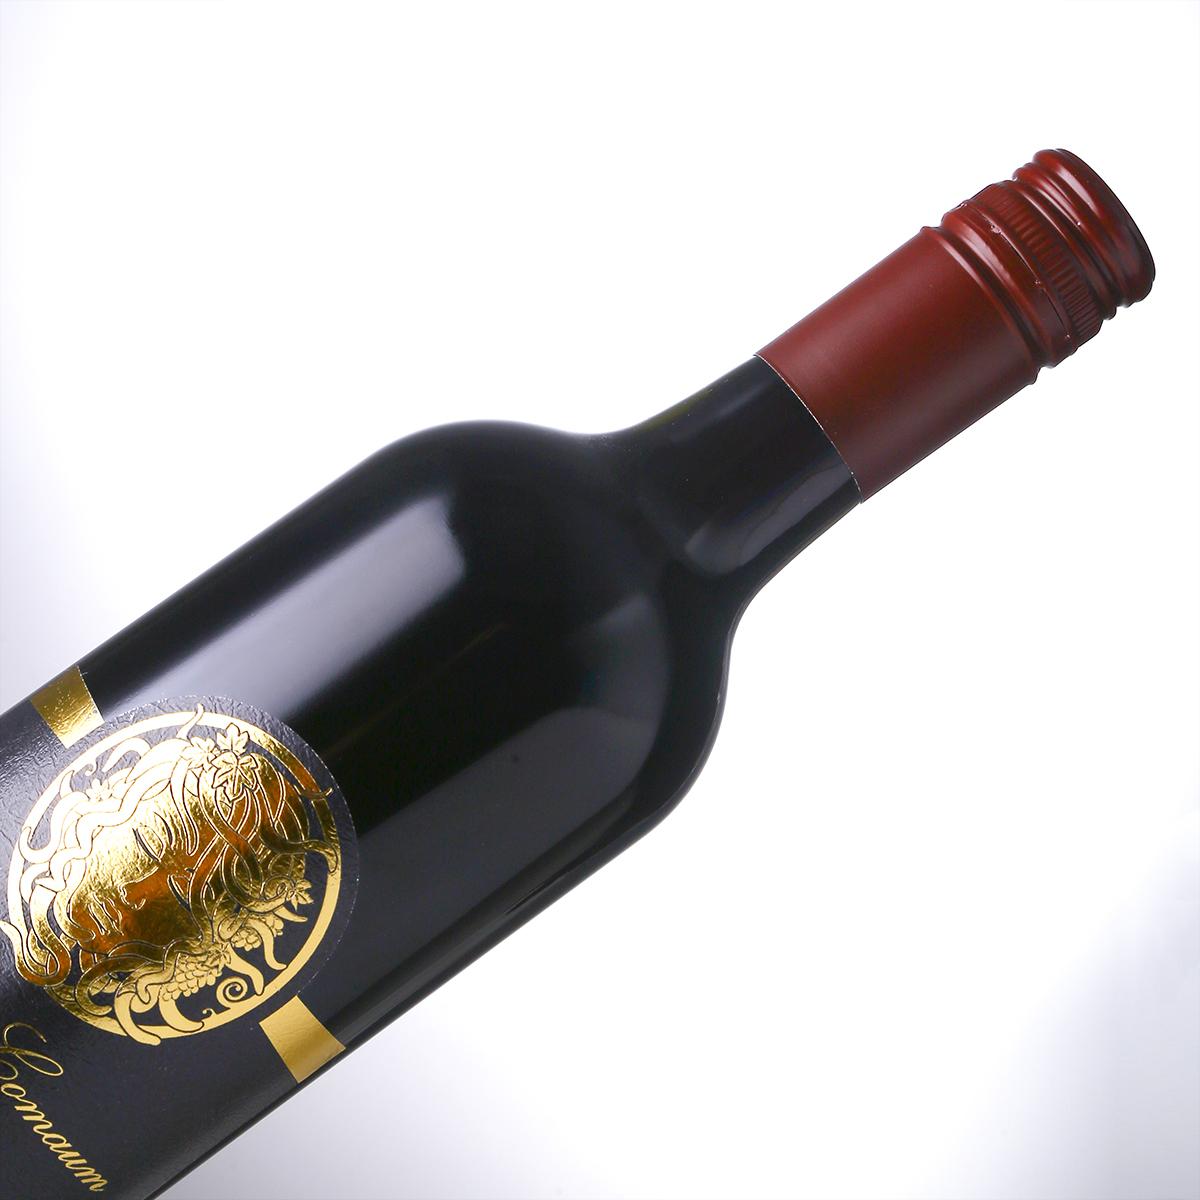 澳大利亚古口一百号酒业集团美杜莎系列 2014 库纳瓦拉赤霞珠